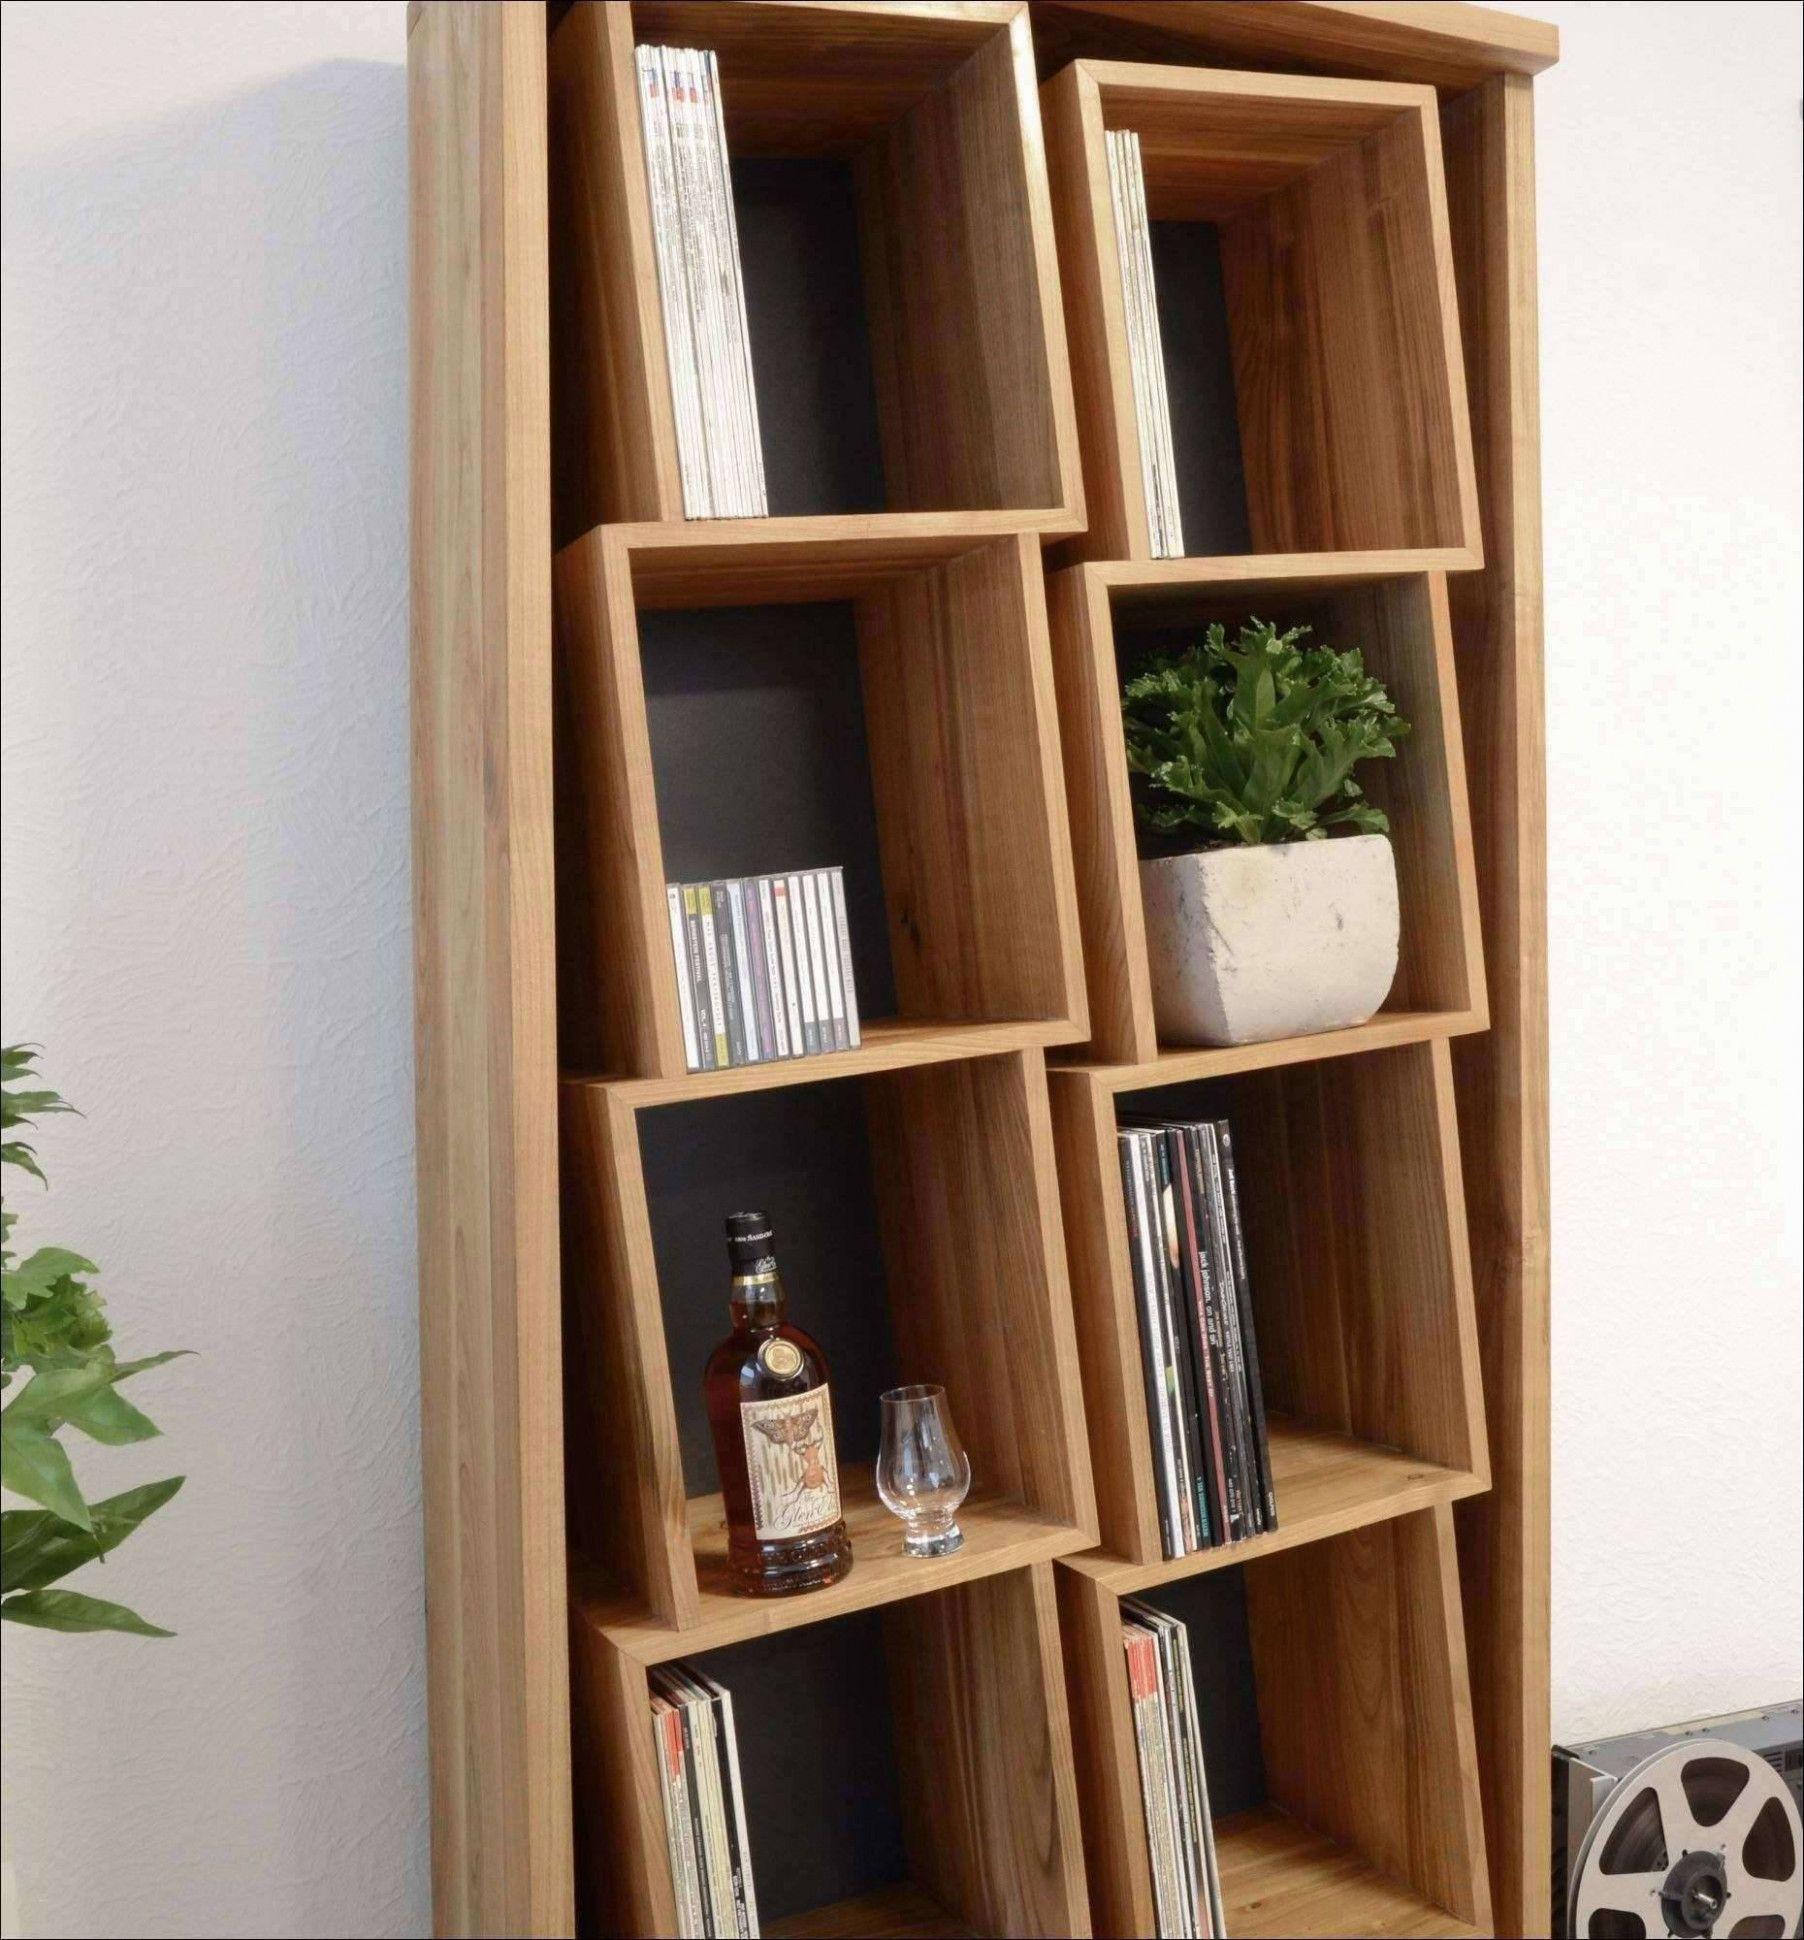 Wohnzimmerschrank Paletten - #Paletten #selberbauenwohnzimmer